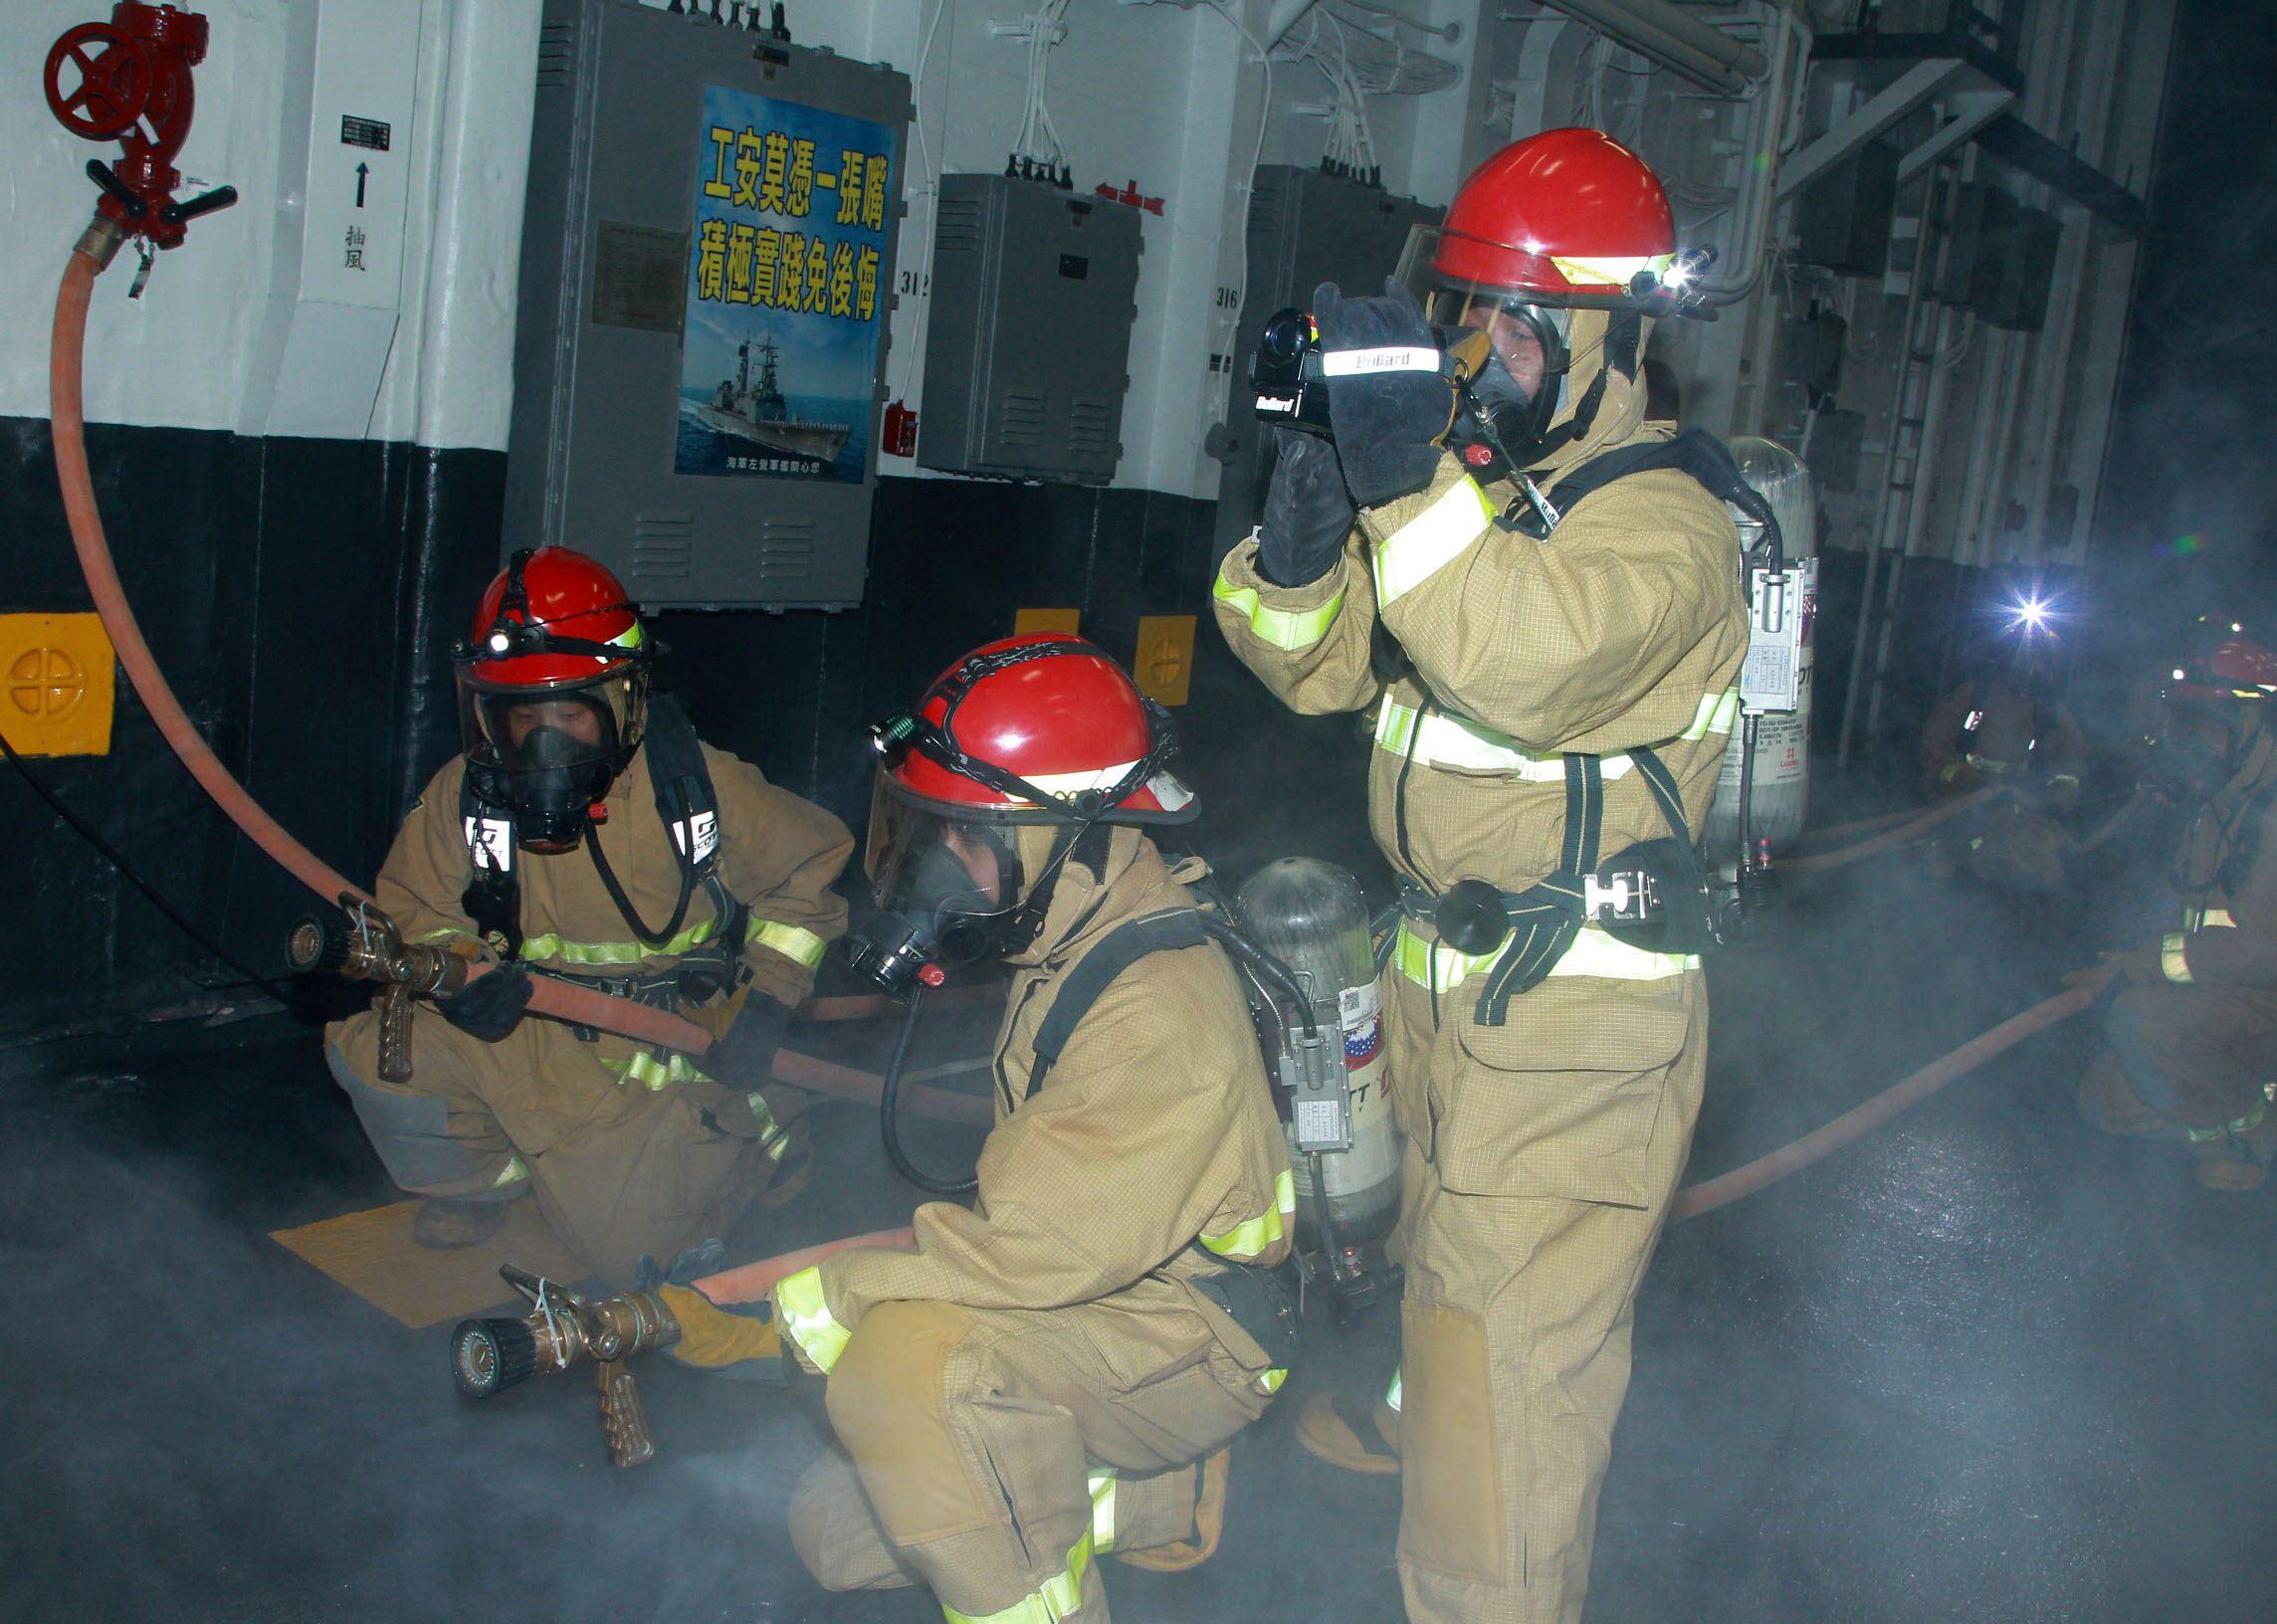 左營艦模擬操敵軍飛彈命中引發大火,修理班著裝前往機庫搶救。(記者邱榮吉/花蓮外海拍攝)